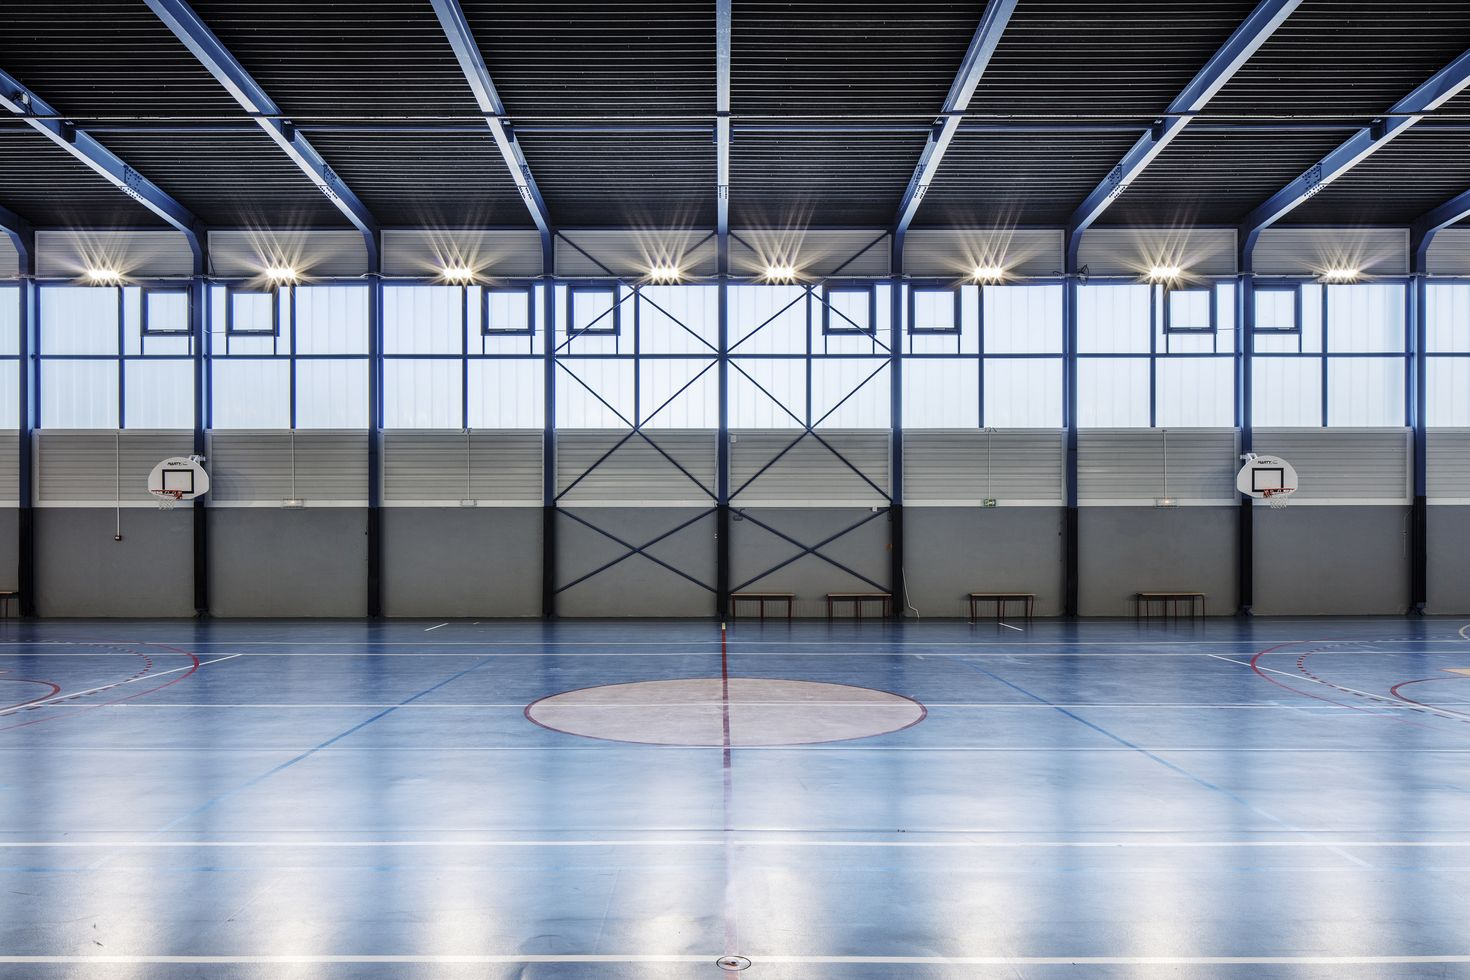 Superb Centre Sportif Paul Vaillant Couturier à Nanterre, 92. Galerie Du0027images. U2022  · U2022 · U2022 · U2022 · U2022 · U2022 · U2022 · U2022 · U2022 · U2022 · U2022 · U2022